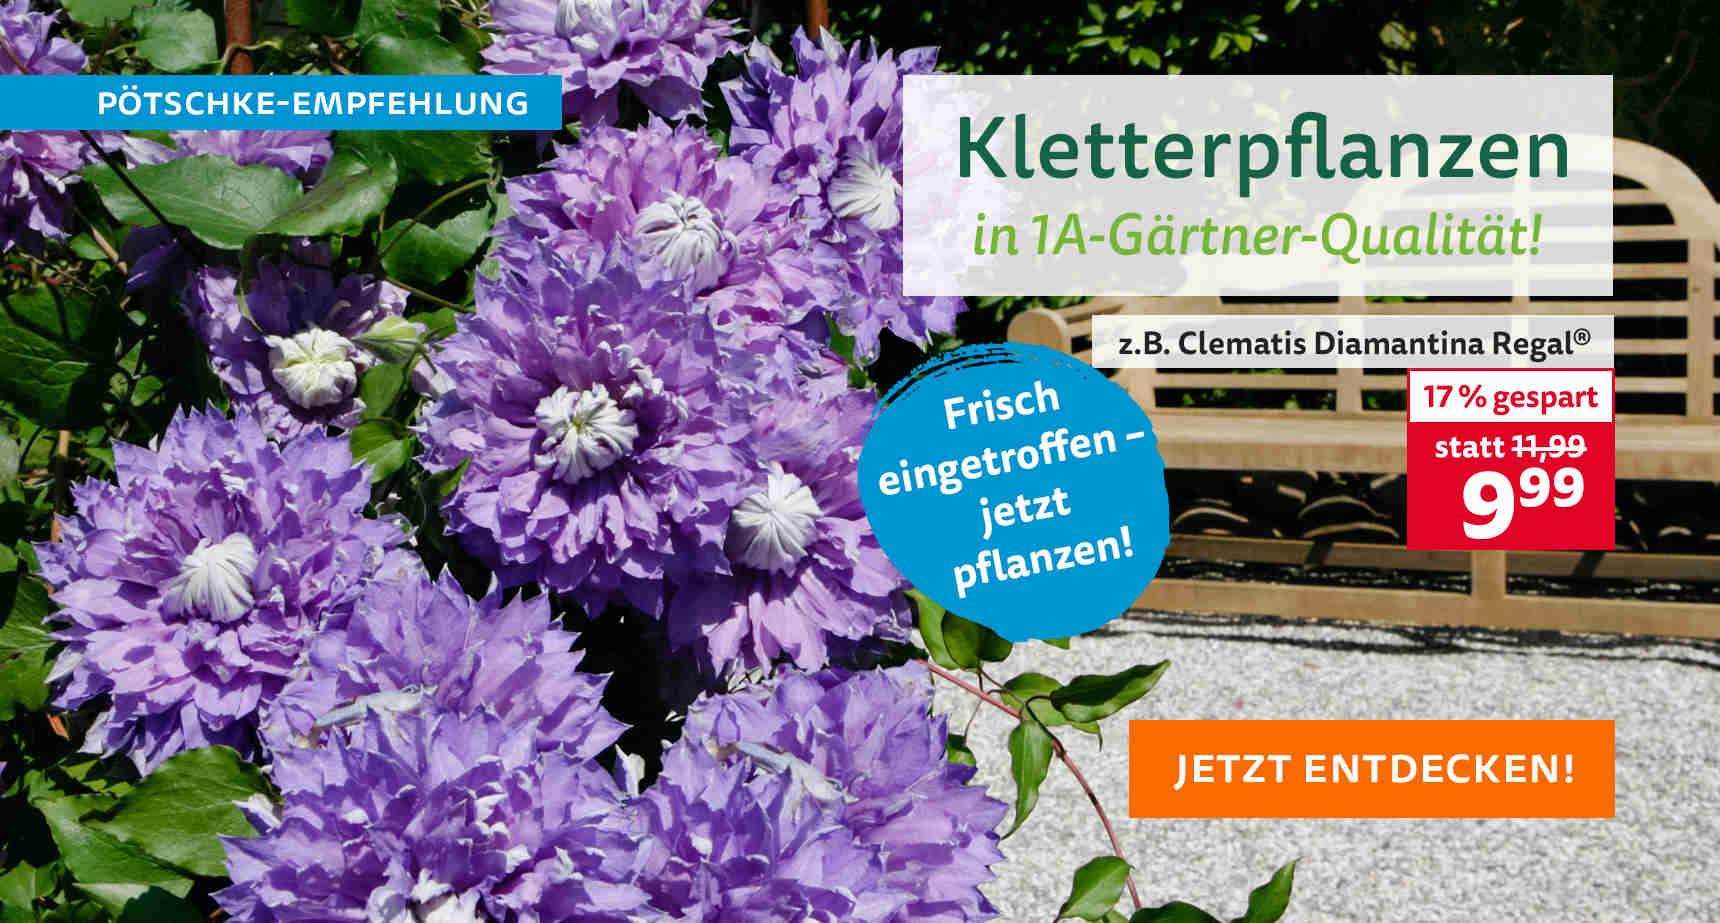 +++ (3) Kletterpflanzen +++ - 3